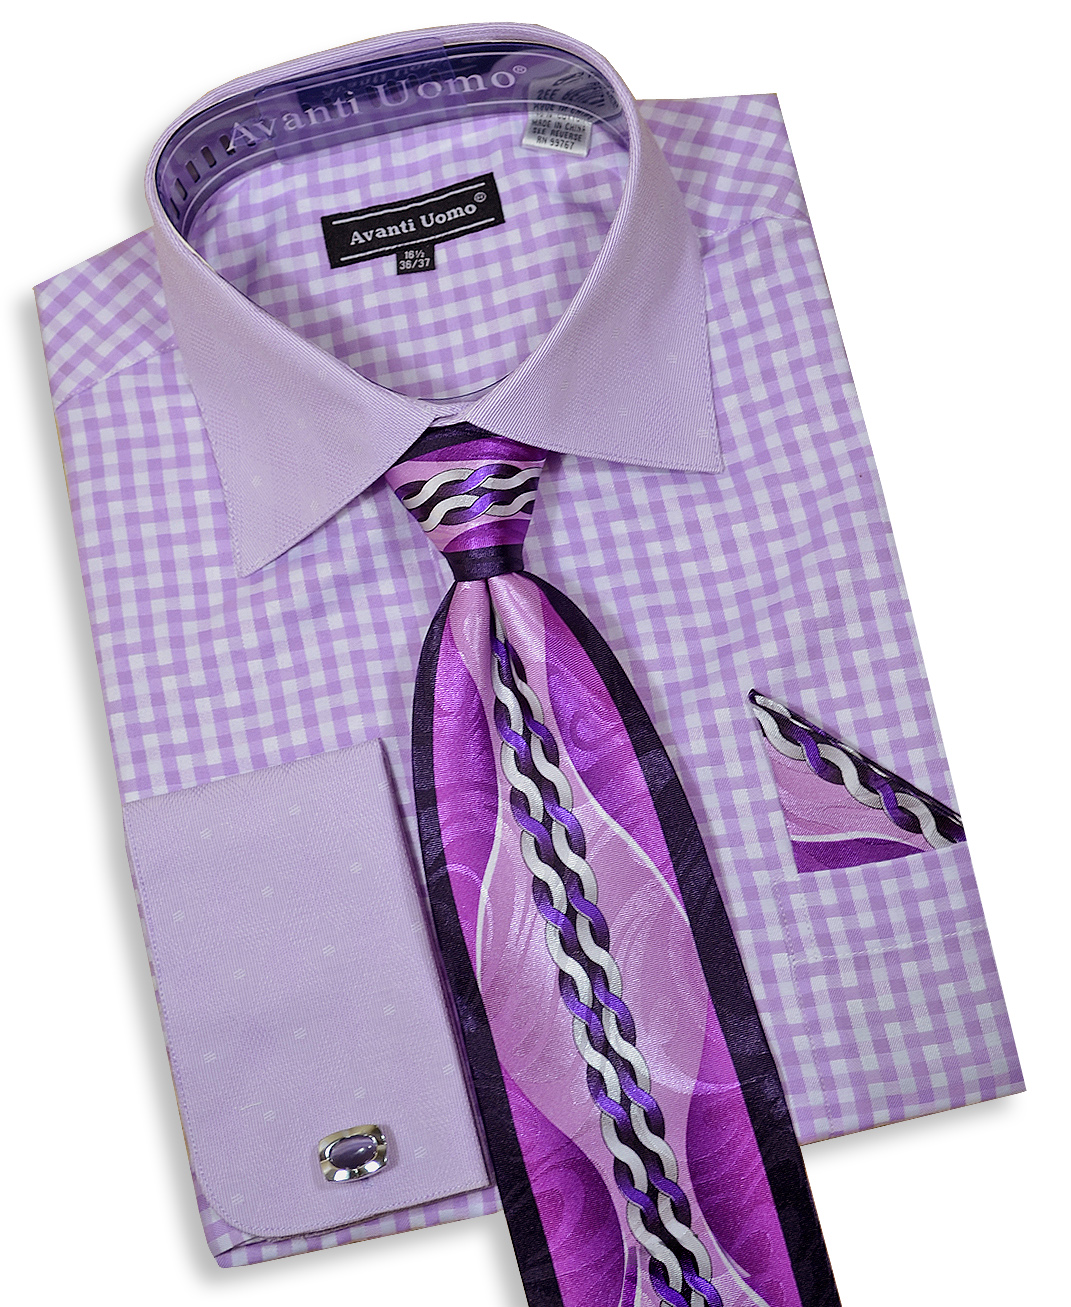 Daniel ellissa lilac white contrast pattern dress shirt for Dress shirt for cufflinks